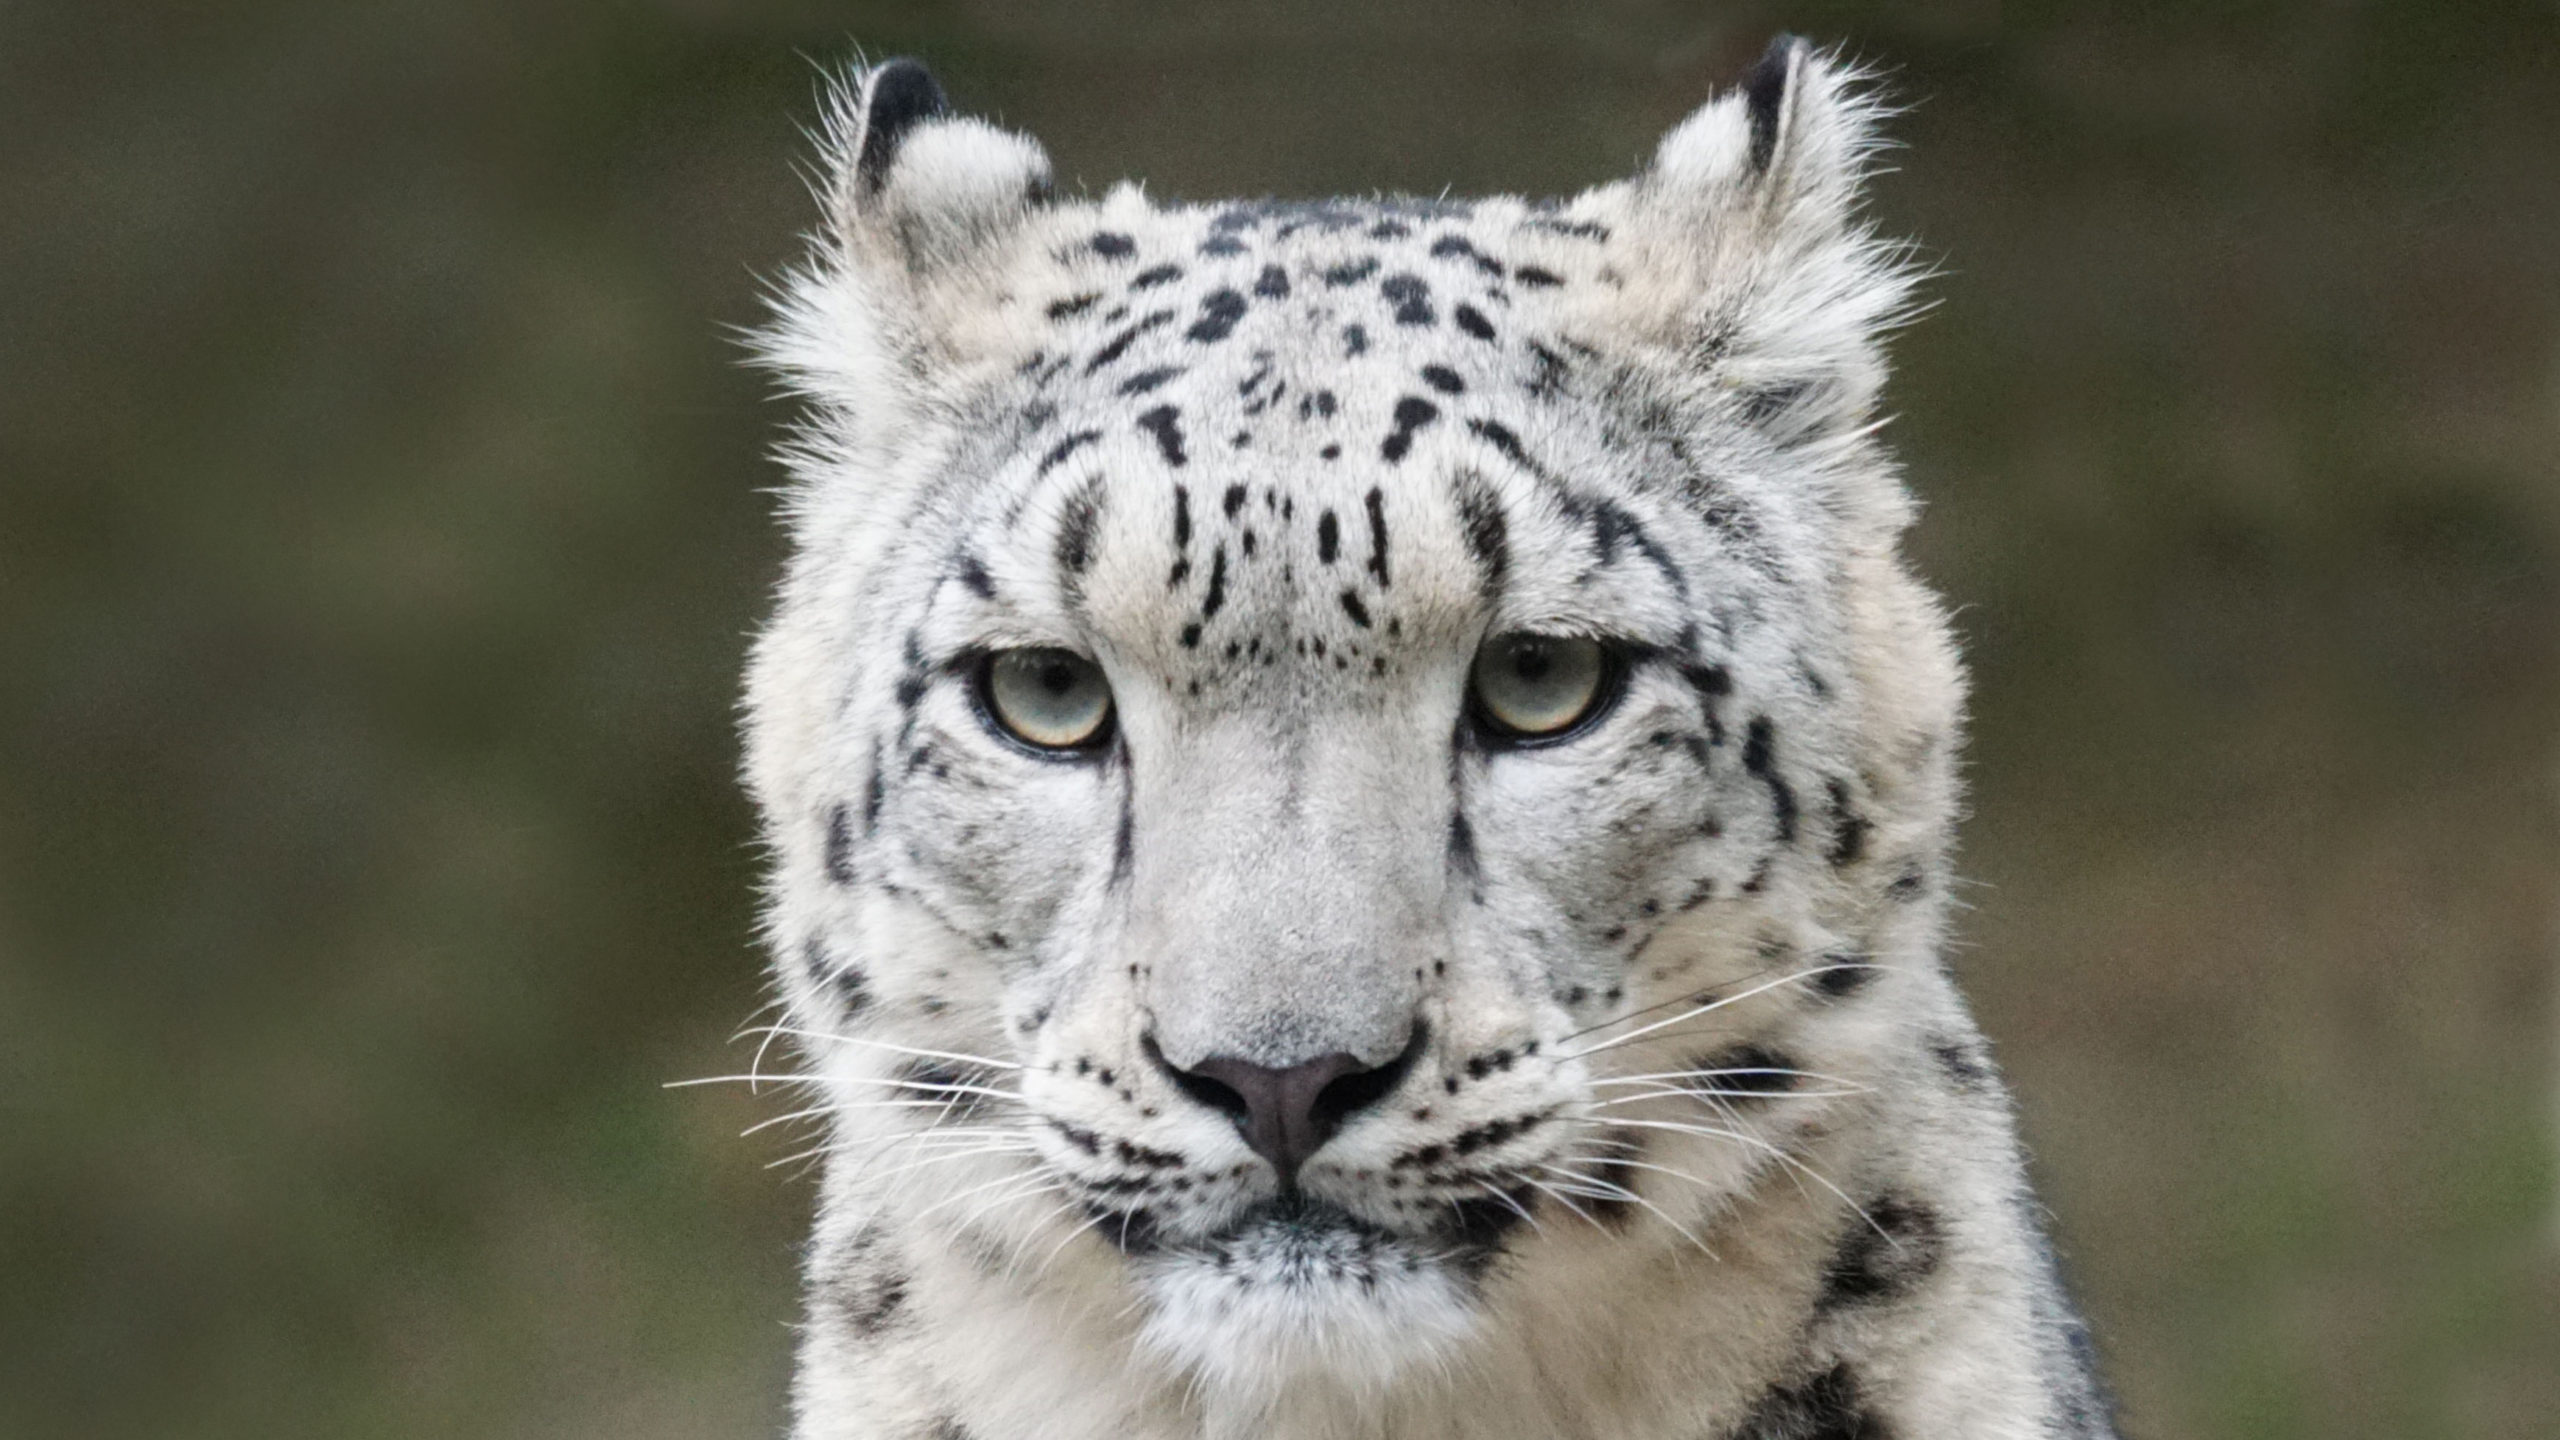 Der fast mystische Geist der Berge: der Schneeleopard. Der Berliner Geschichtenerzähler Ahne berichtet davon, wie sich bei seiner Rettung Zoo-Mitarbeiter so nahe kamen wie schnurrende Katzen ...